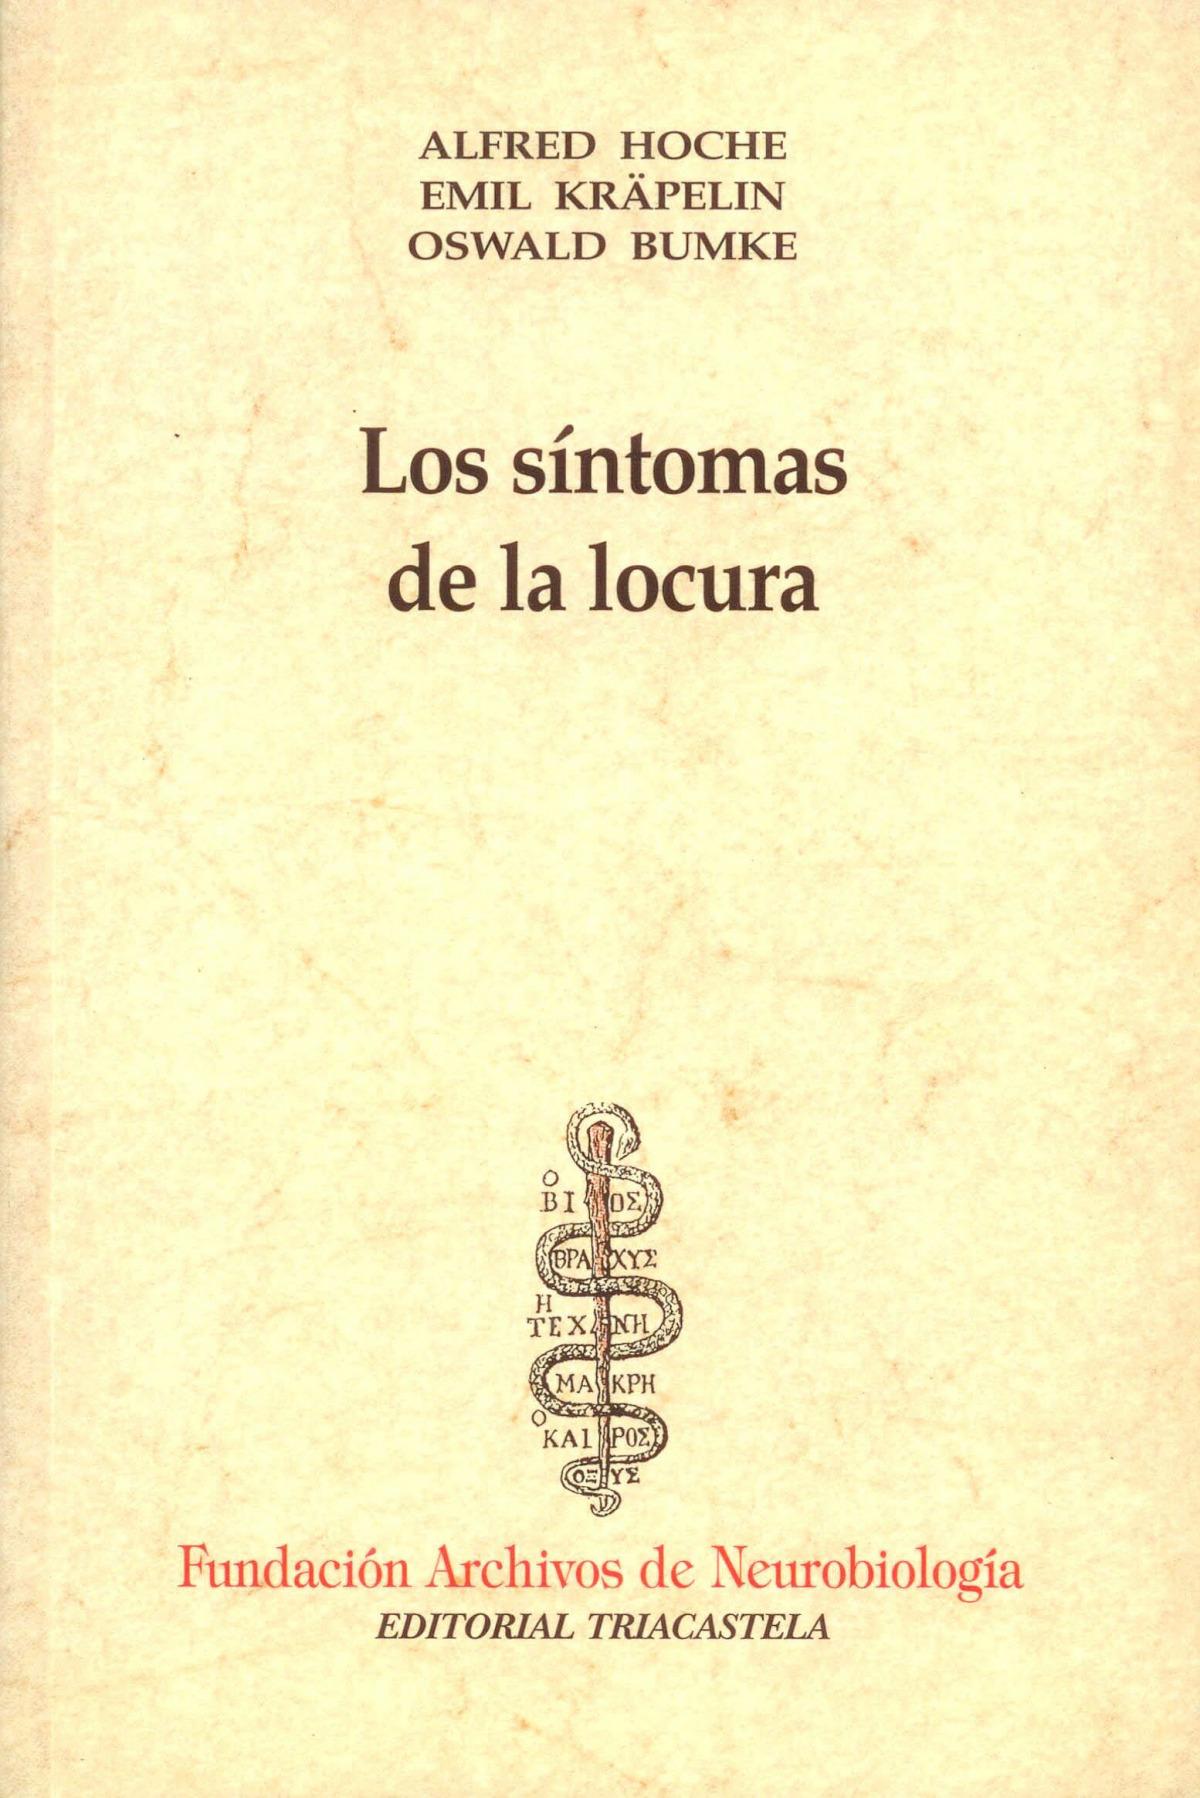 LOS SÍNTOMAS DE LA LOCURA